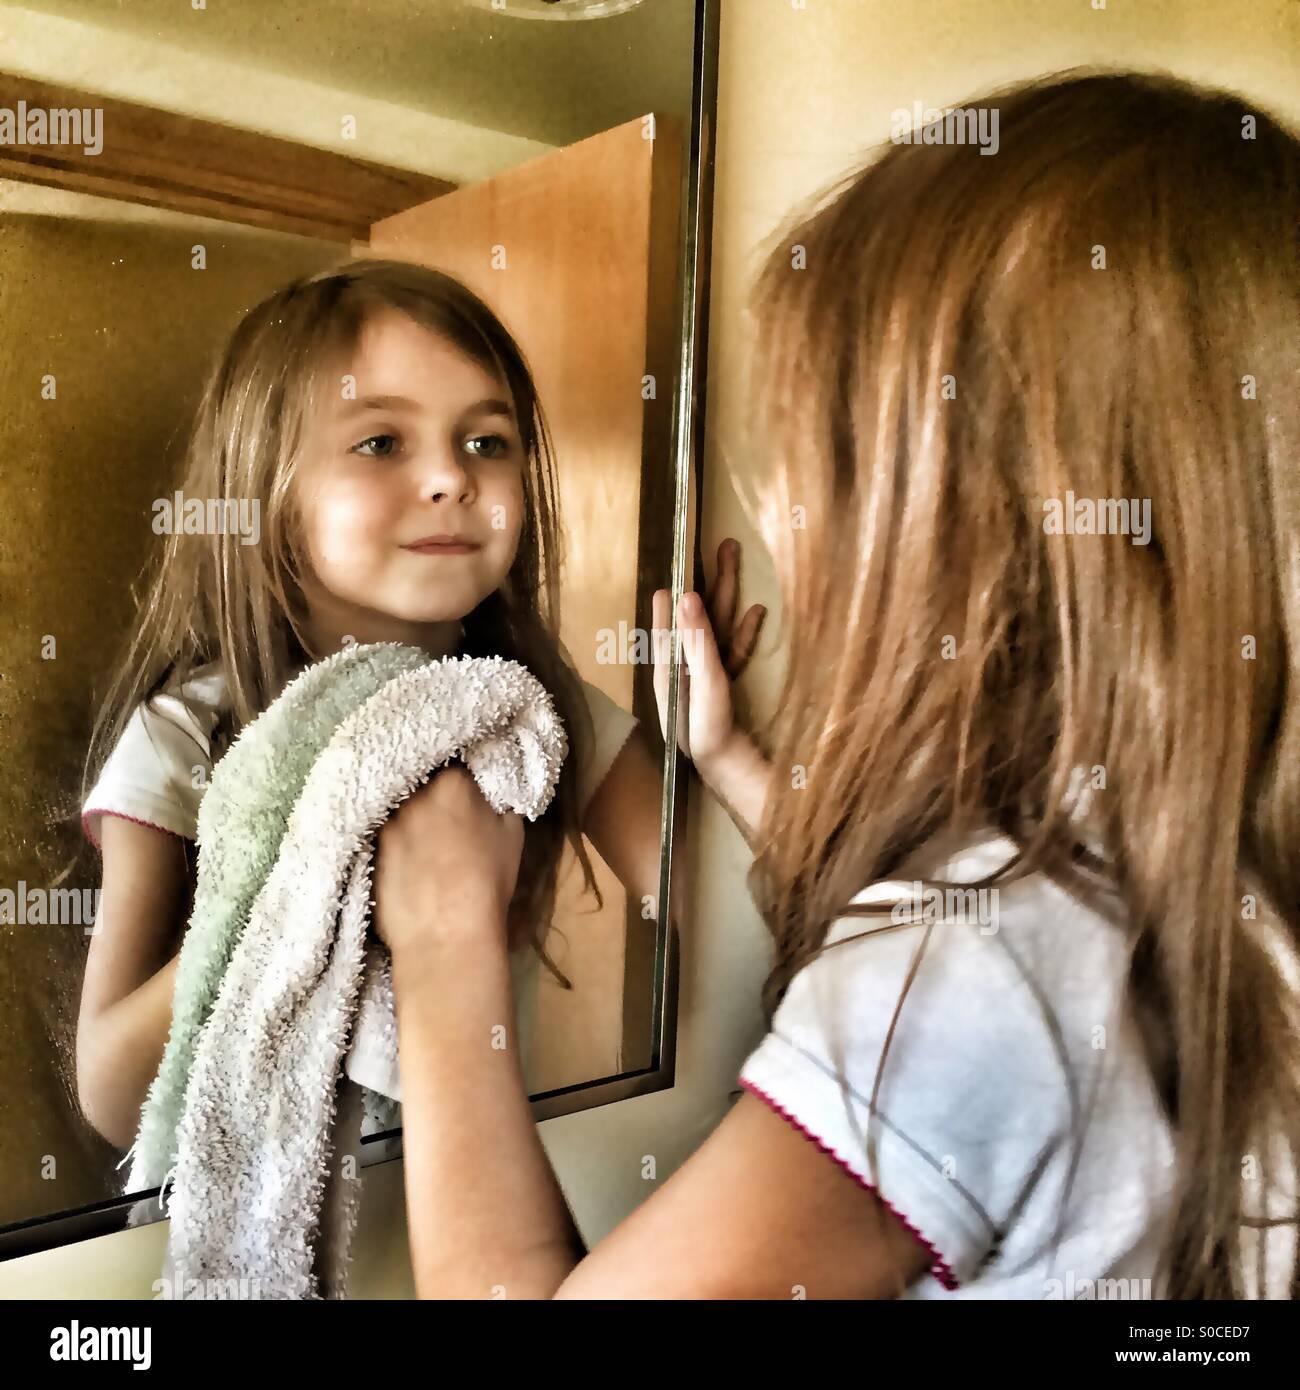 Jeune fille lave un miroir et regarder son propre reflet Photo Stock